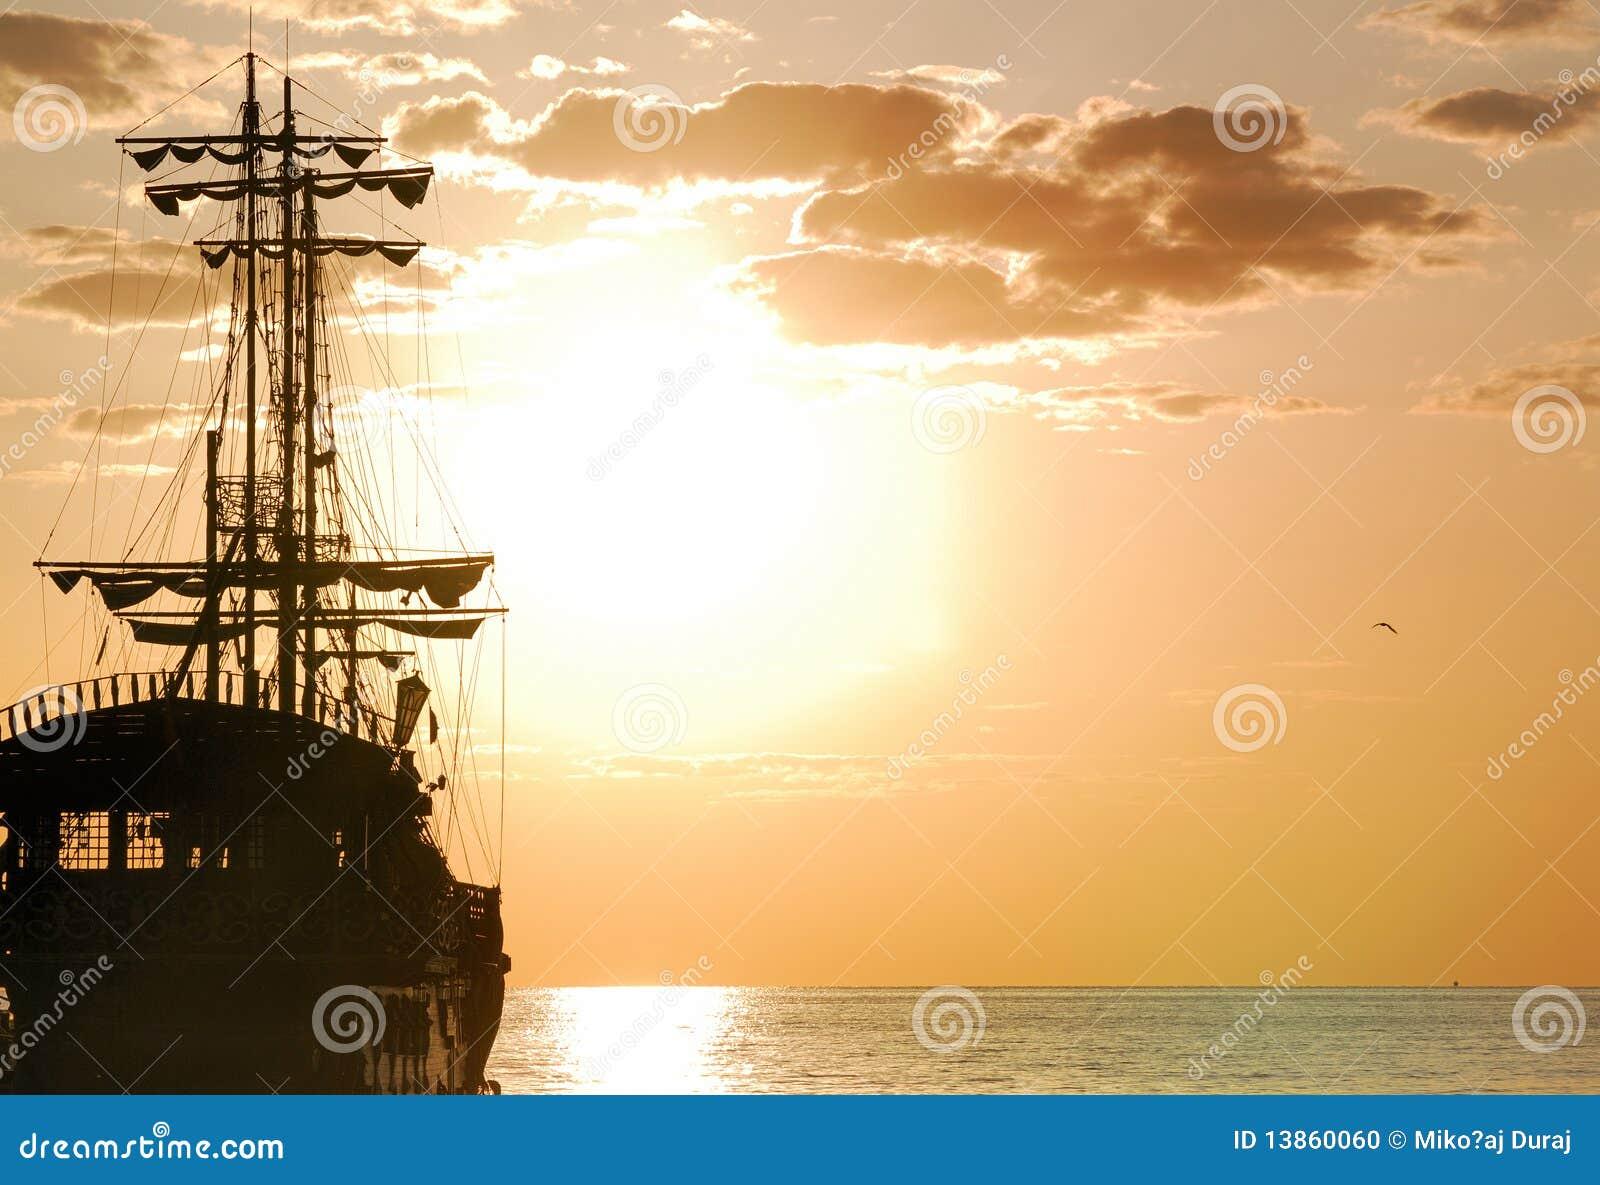 Orientação horizontal do navio de piratas